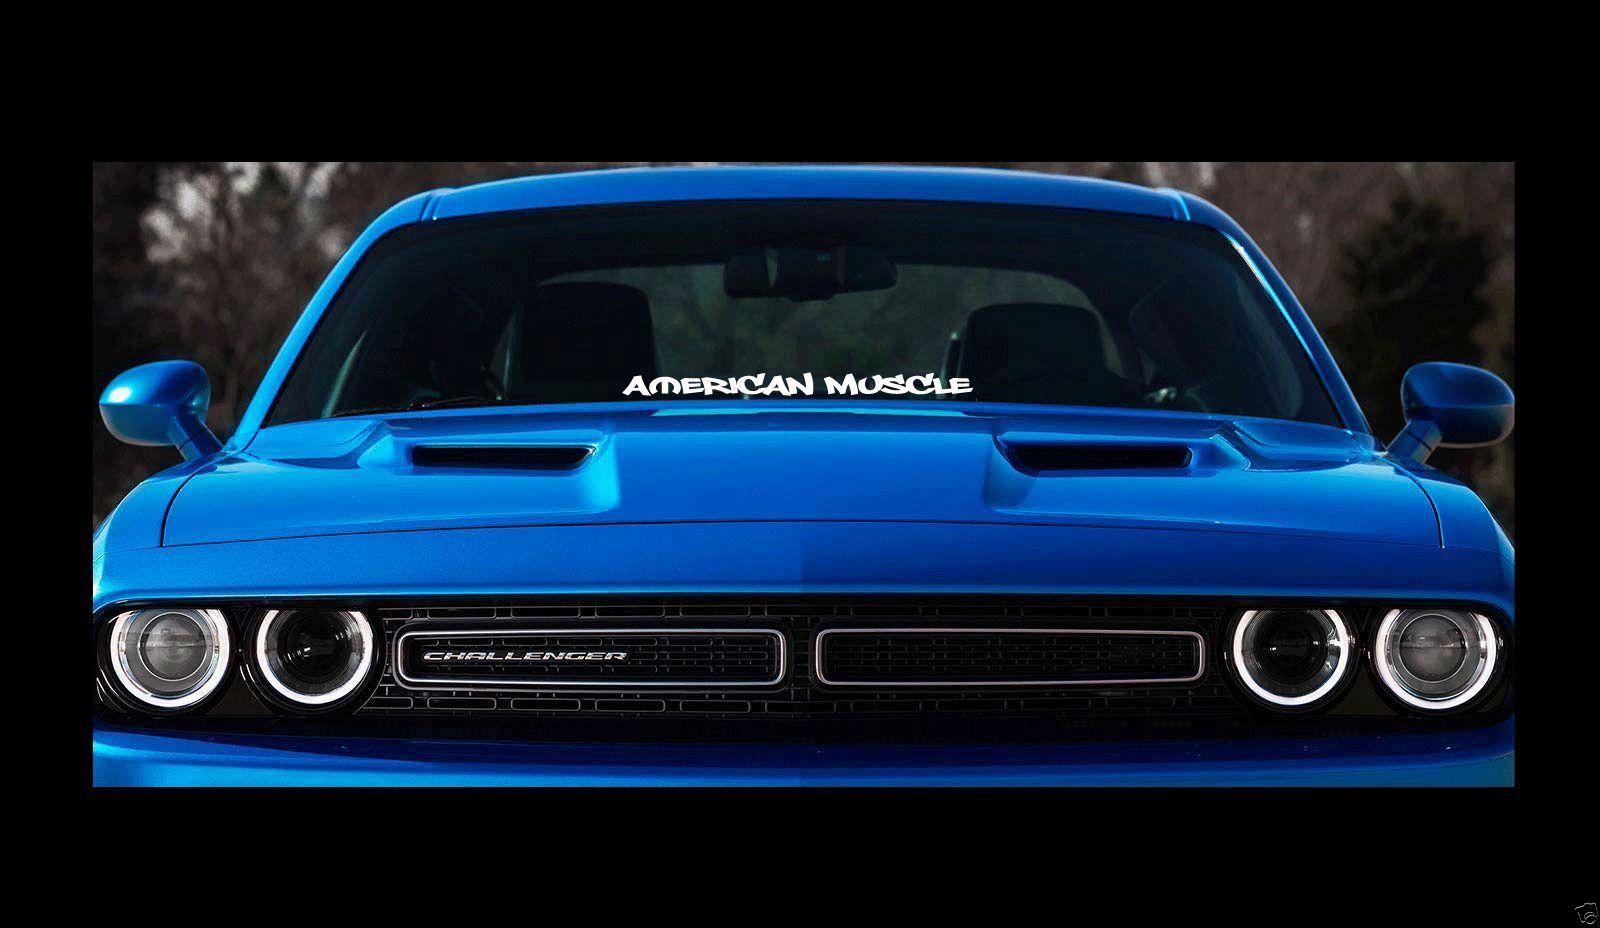 Mopar American Muscle 23 Dodge Windschutzscheibe Banner Aufkleber Aufkleber hellcat srt